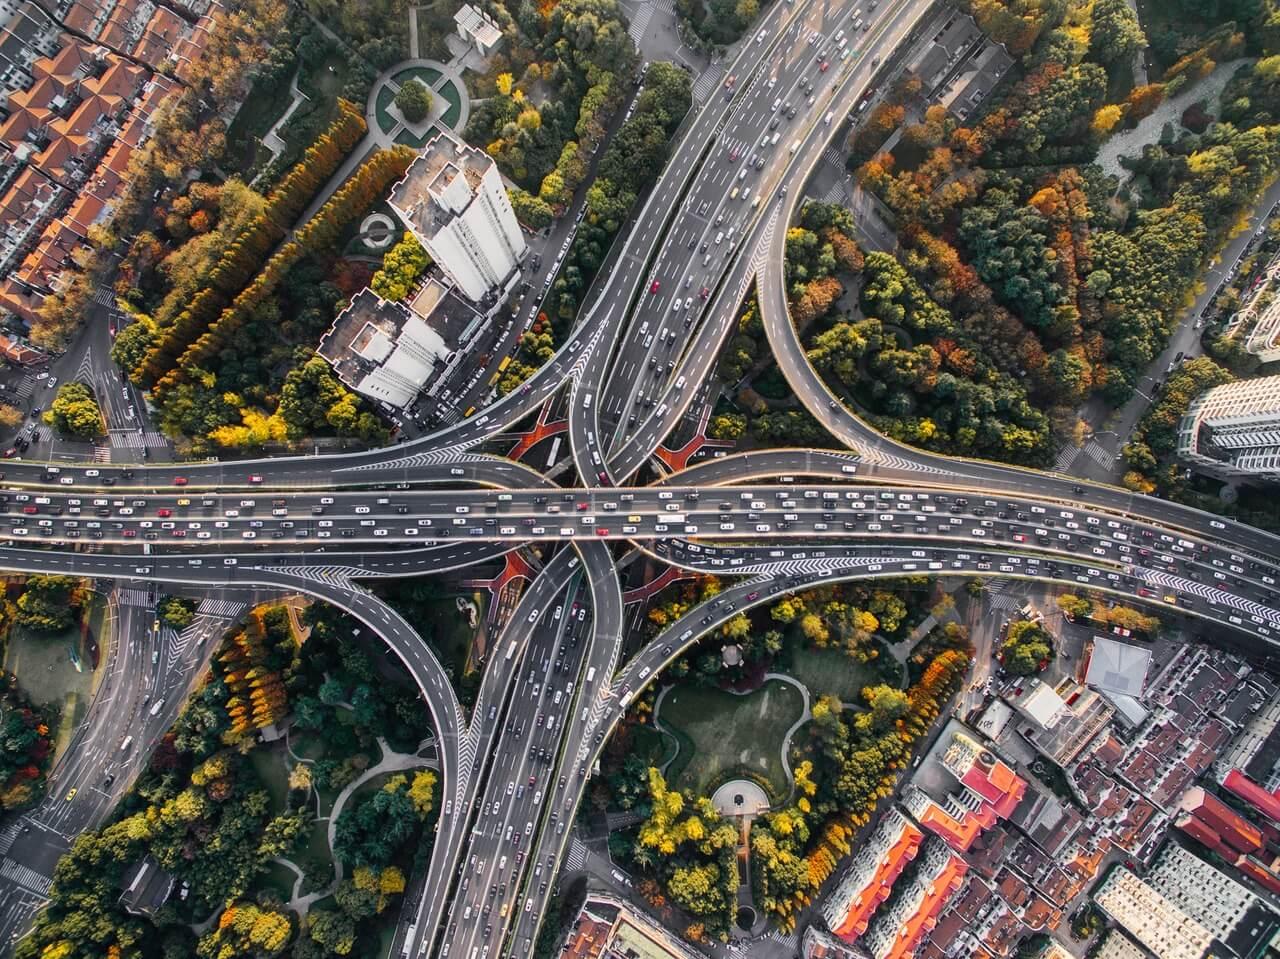 Vogelperspektive: Autos im Straßenverkehr